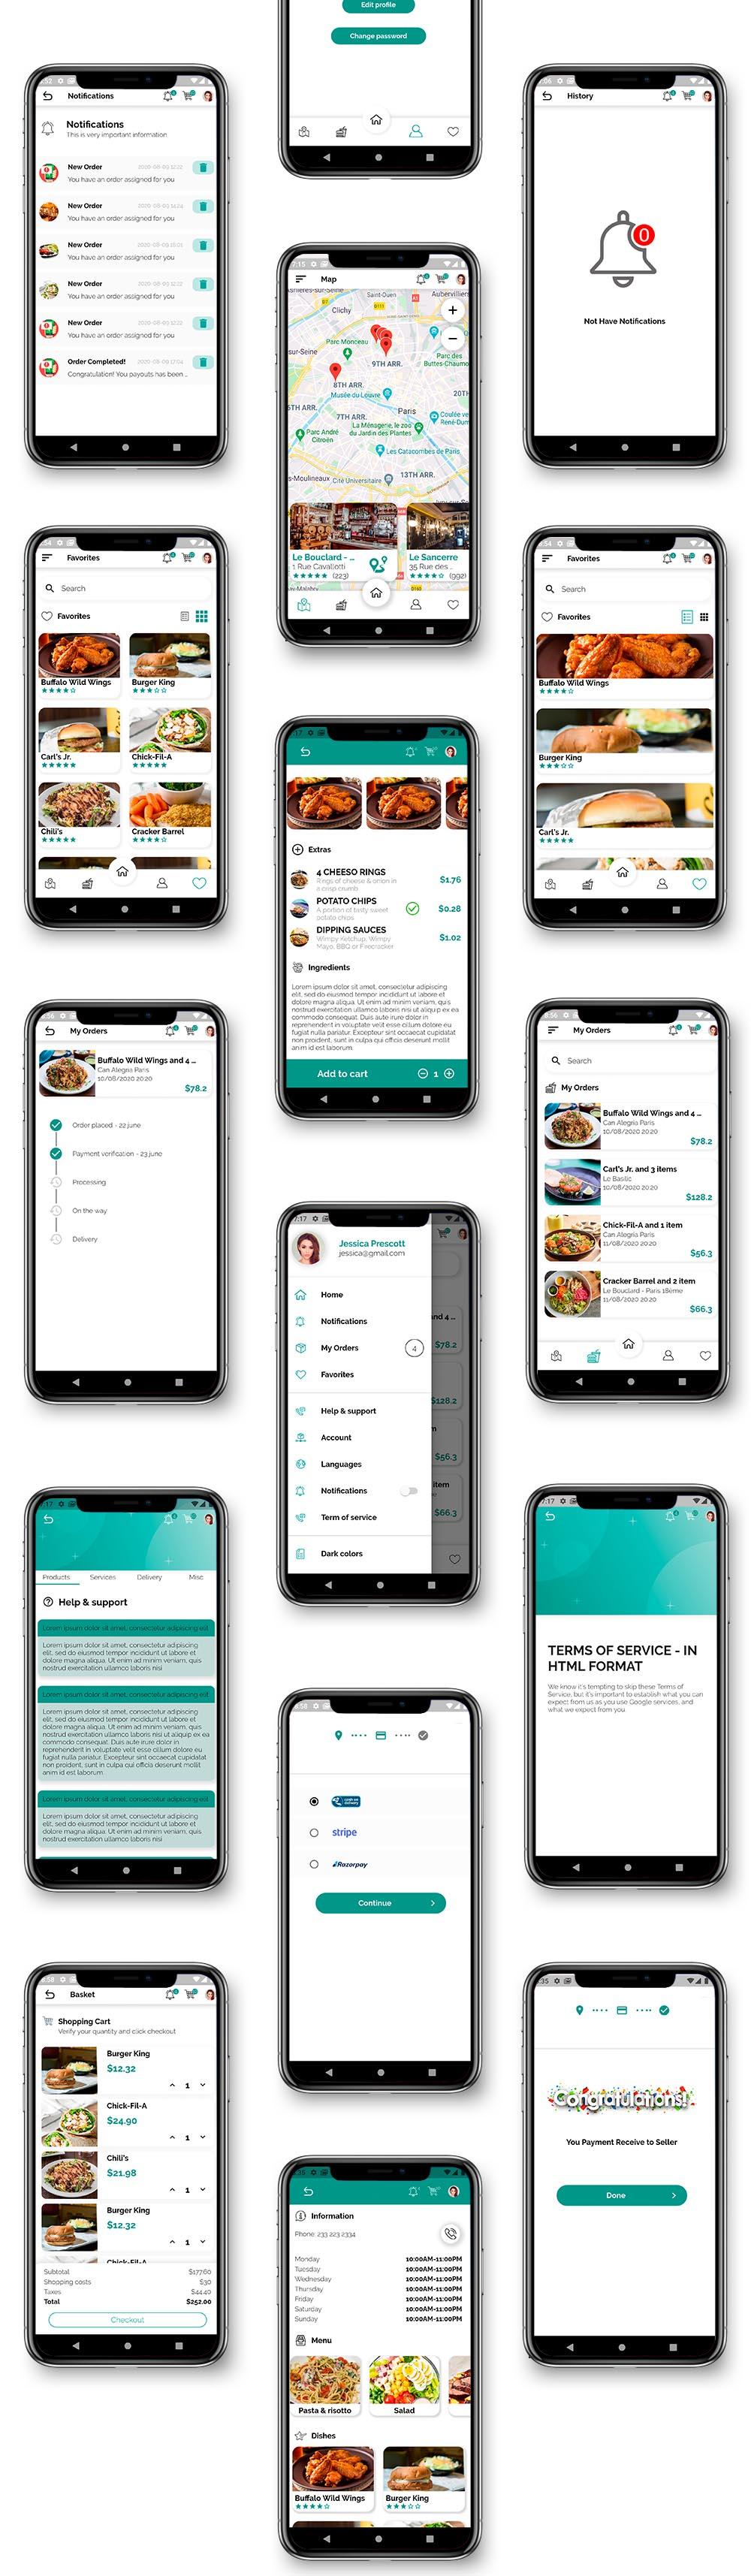 Kit d'interface utilisateur de livraison de nourriture dans Flutter - 3 applications - Application client + application de livraison + application propriétaire - 6